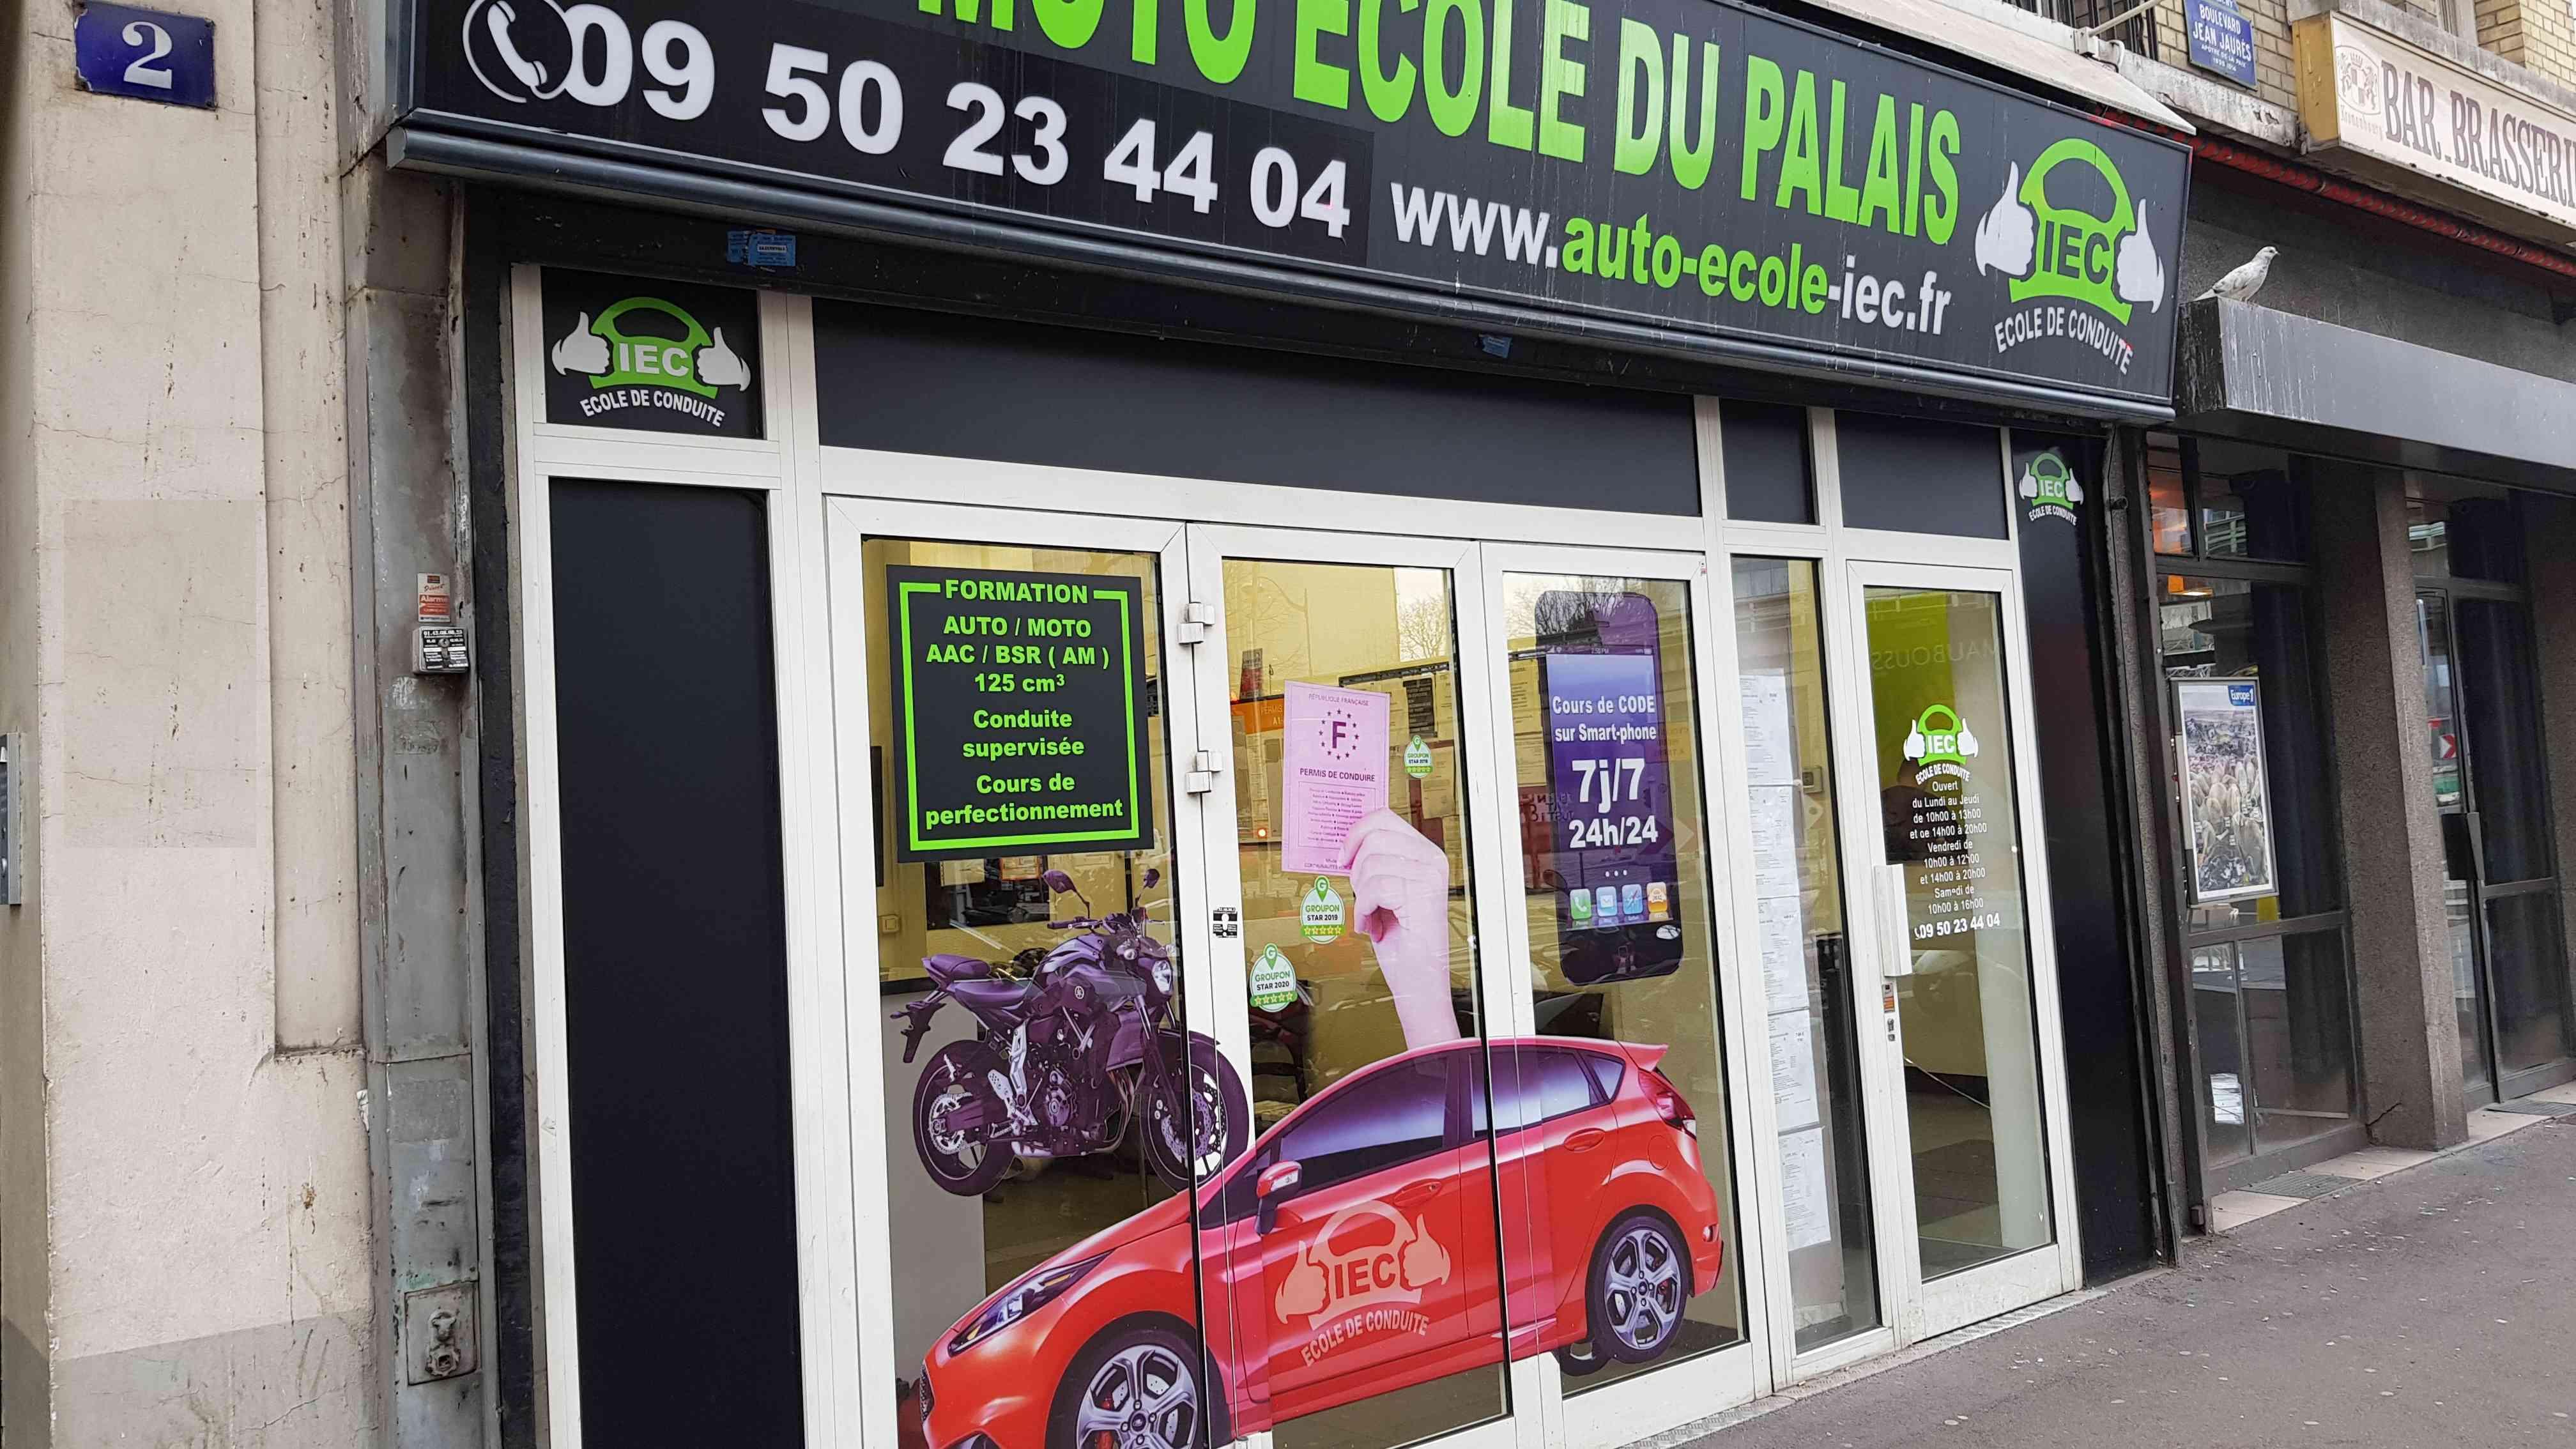 Auto-école IEC - Clichy-la-Garenne